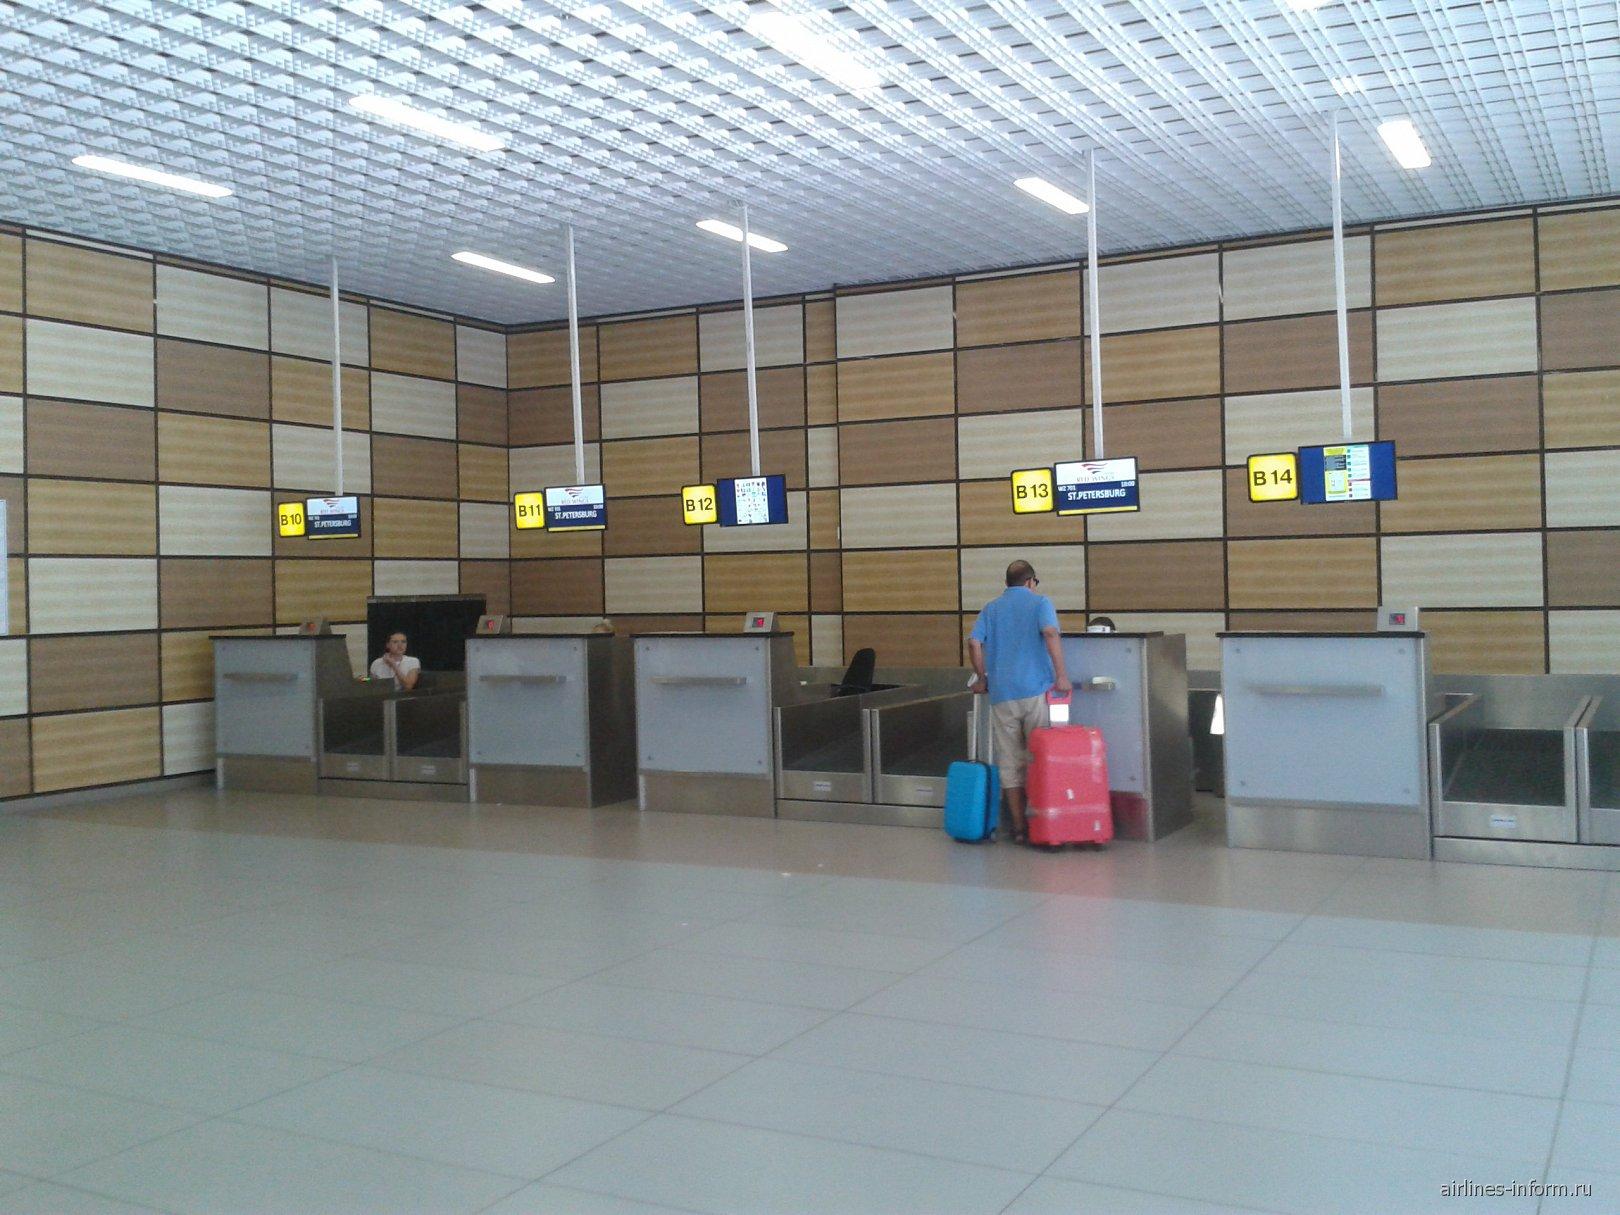 Стойки регистрации в терминале B аэропорта Симферополь